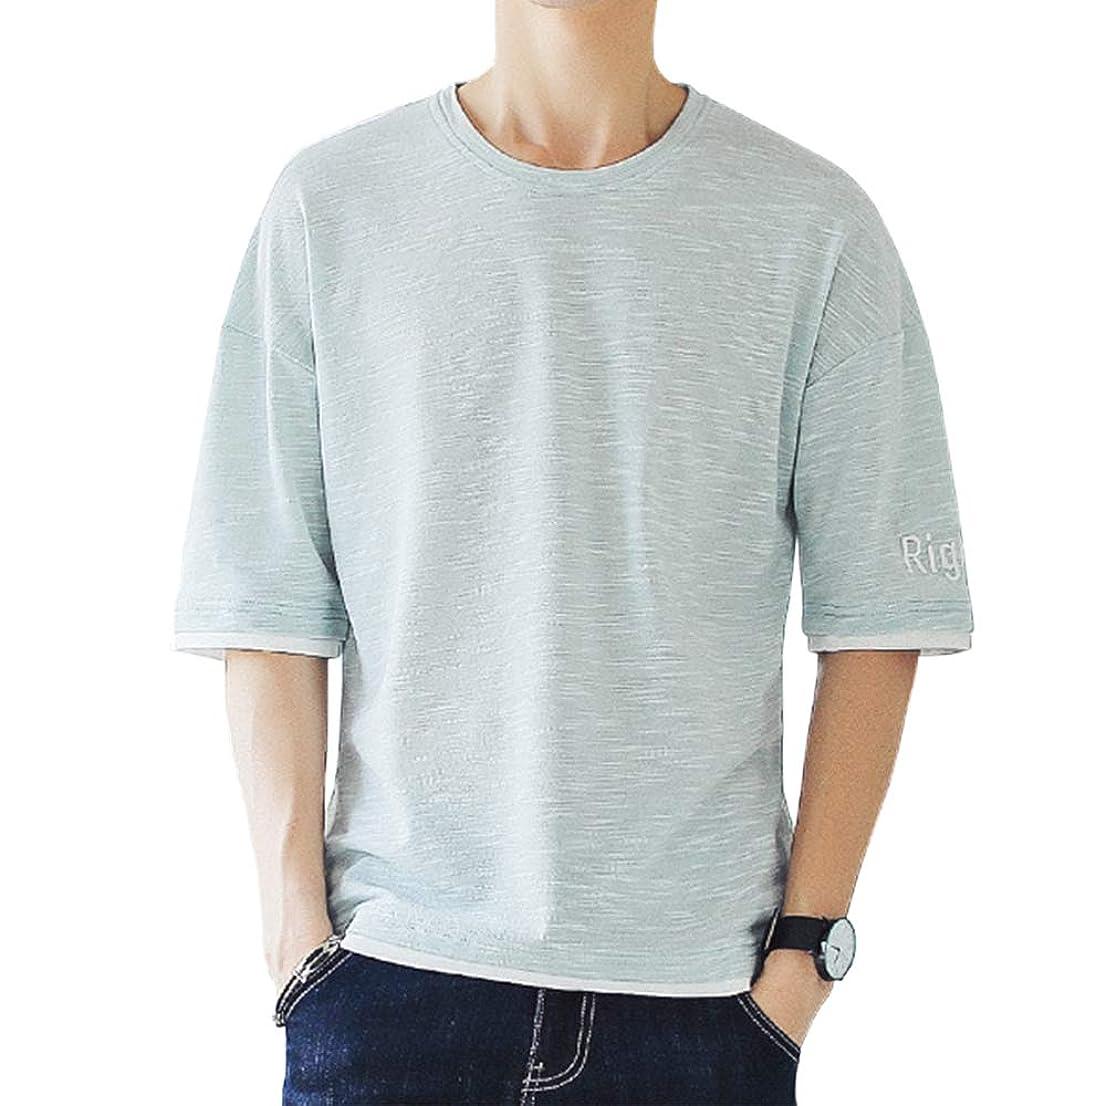 ウルル市の中心部ラバTシャツ メンズ 夏服 無地 柔らかい 夏季対応 Aumesovi 五分袖 ファッション 2019人気